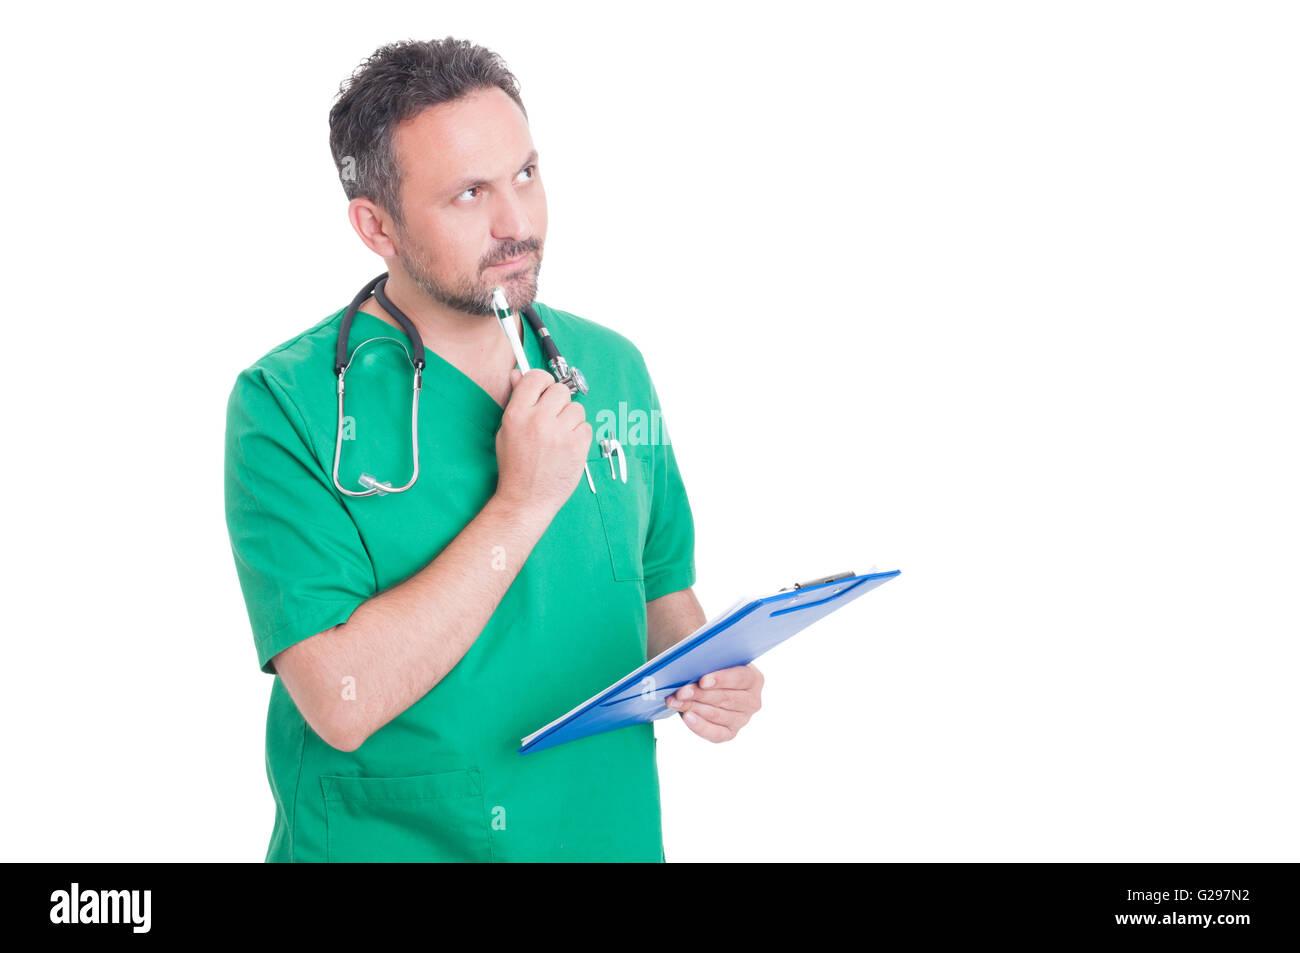 Intelligent medic o medico di pensare e tenere appunti Immagini Stock